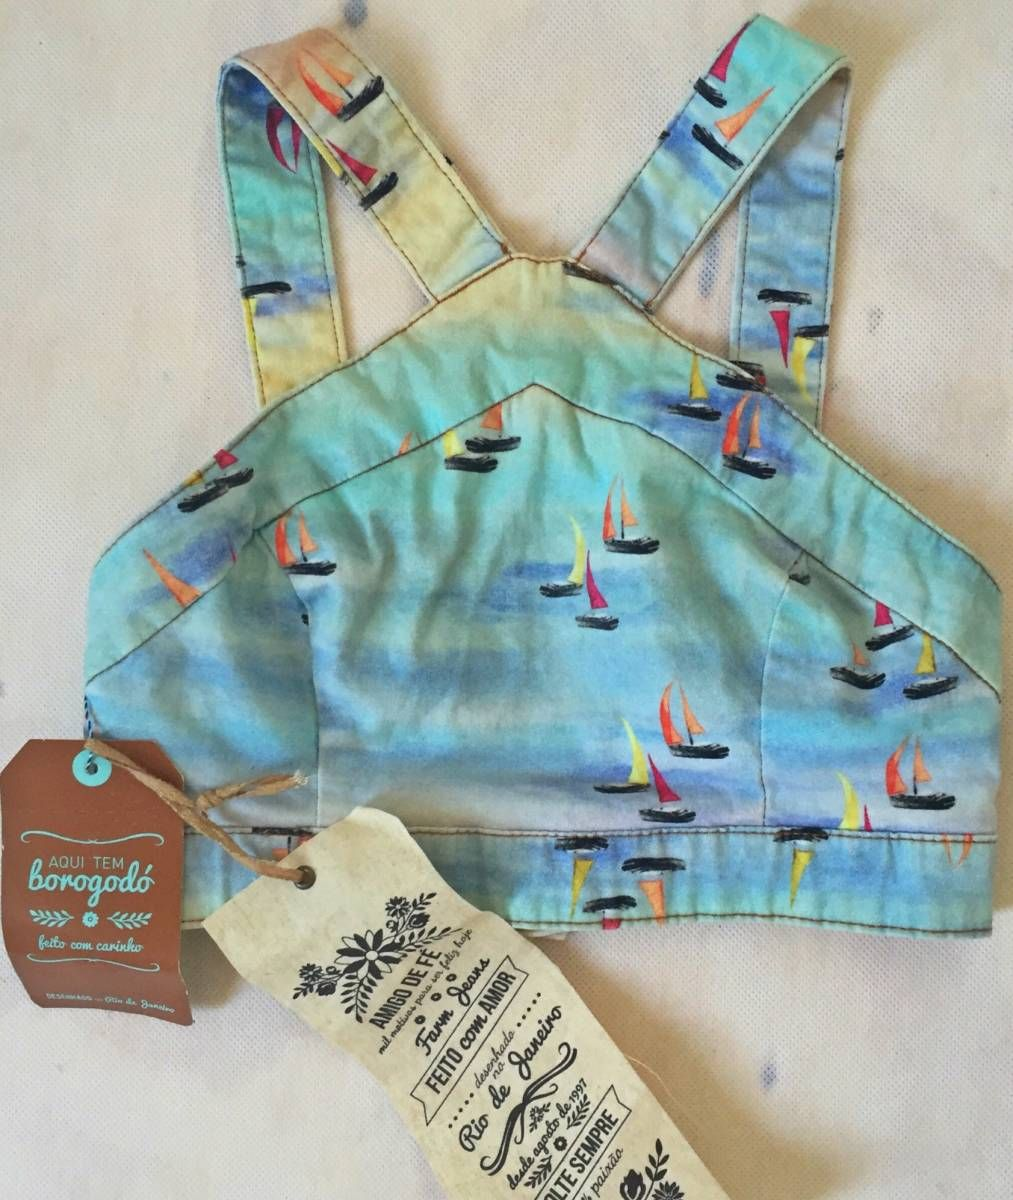 6b7d2d9094 Cropped Farm Jeans Barquinhos - 15457286